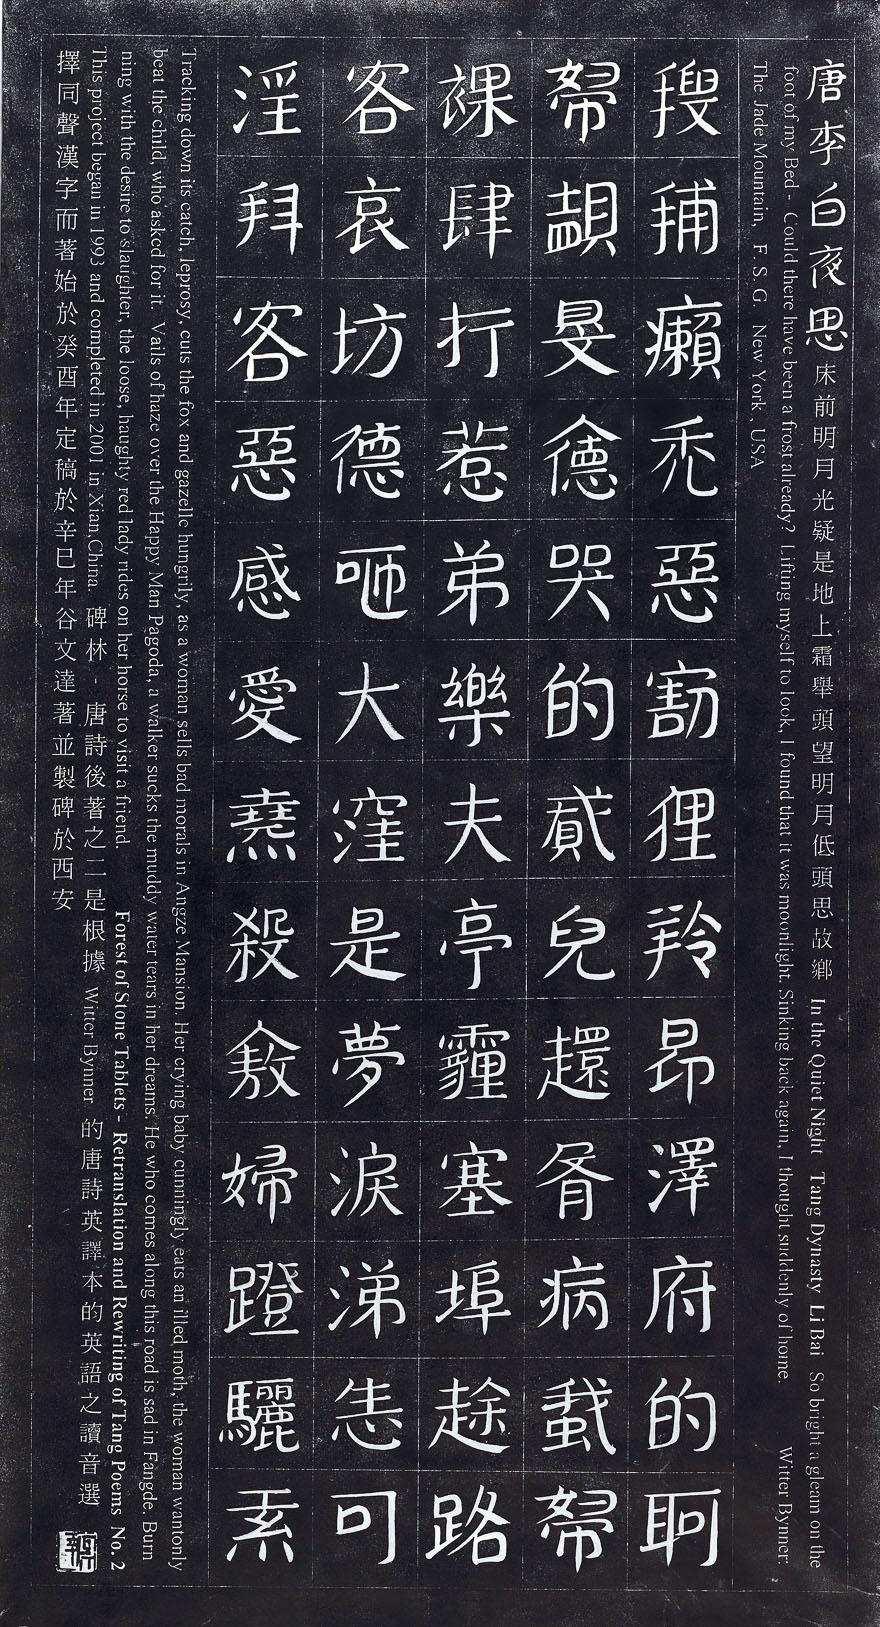 碑林-唐诗后著二号碑 拓片(24/25)